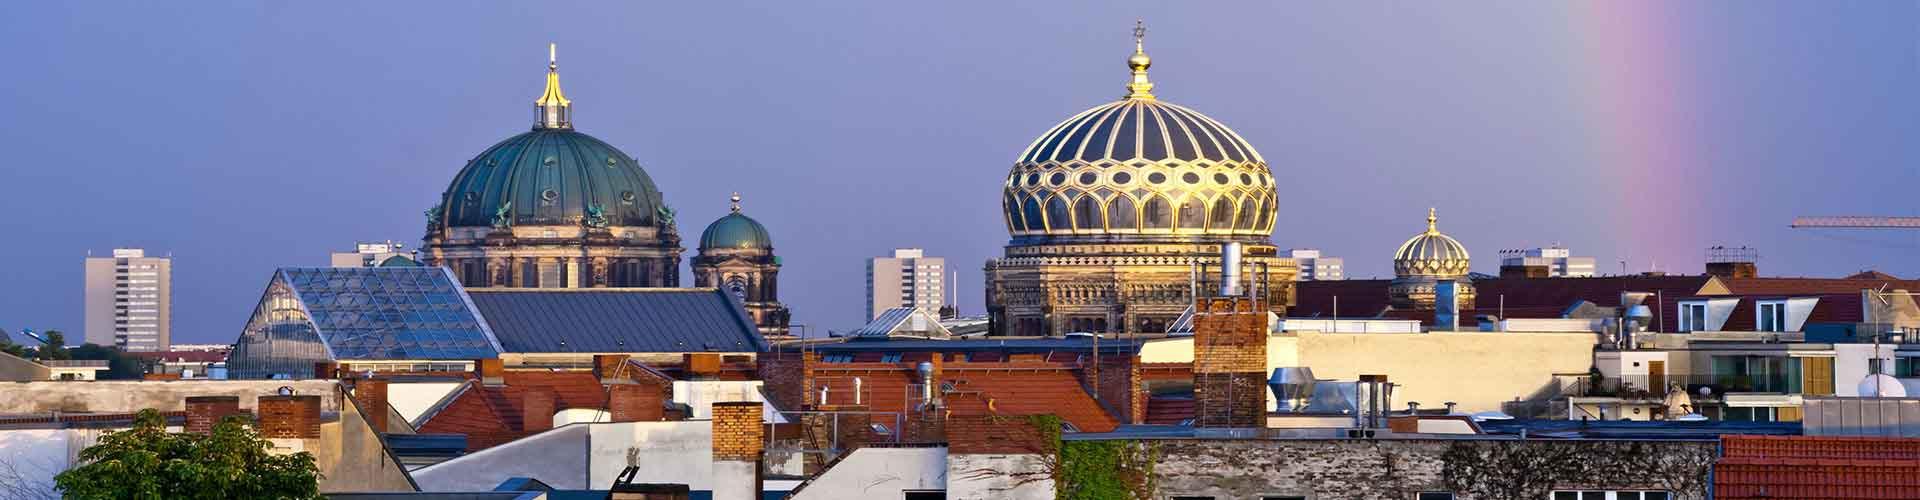 Berlin - Hostele w pobliżu: Nowa Synagoga. Mapy: Berlin, Zdjęcia i Recenzje dla każdego hostelu w mieście: Berlin.